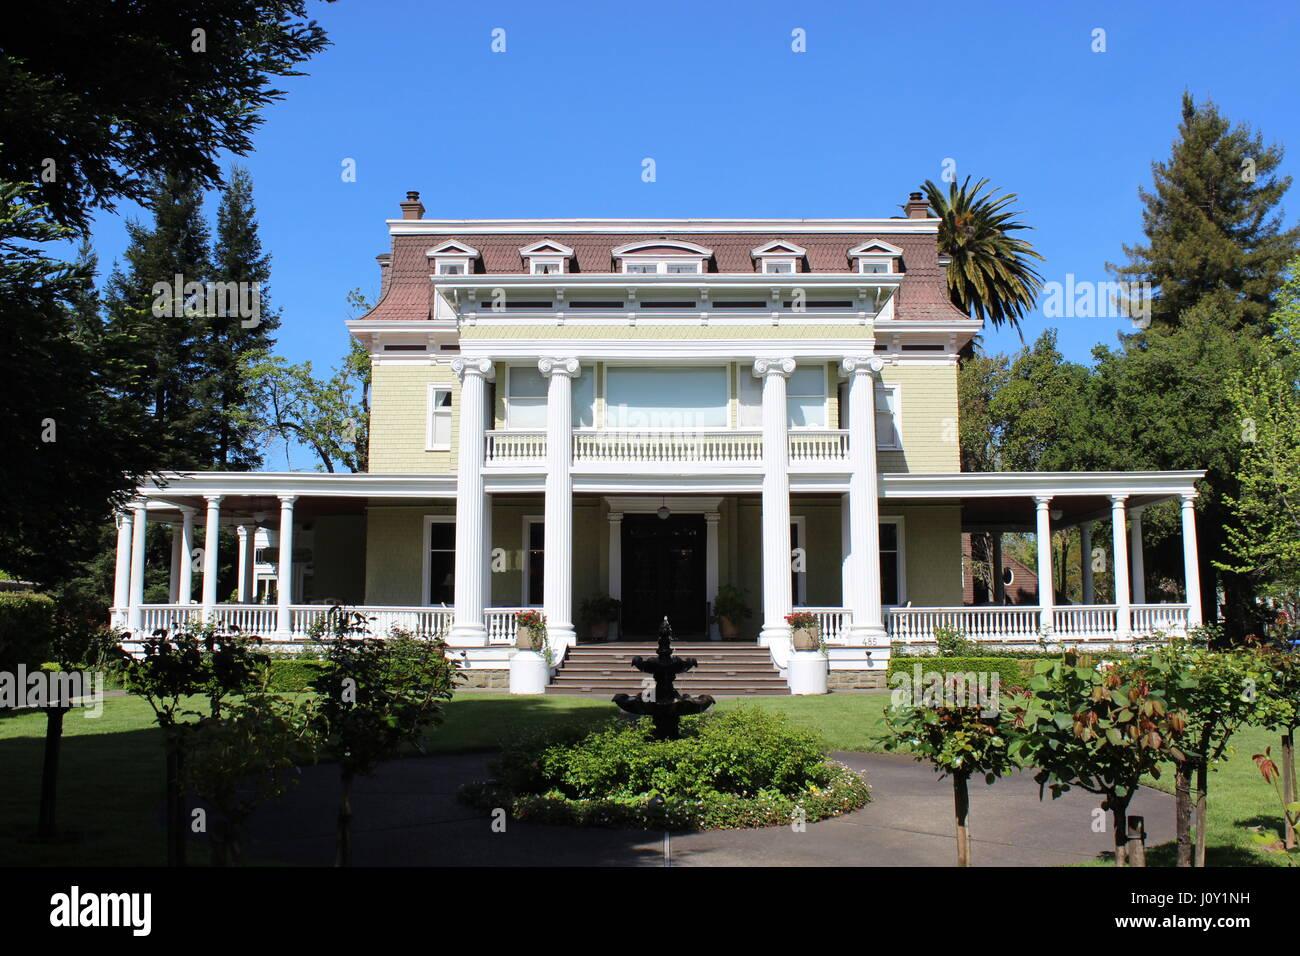 Churchill Manor, Napa, California, 1889 Second Empire mansion - Stock Image